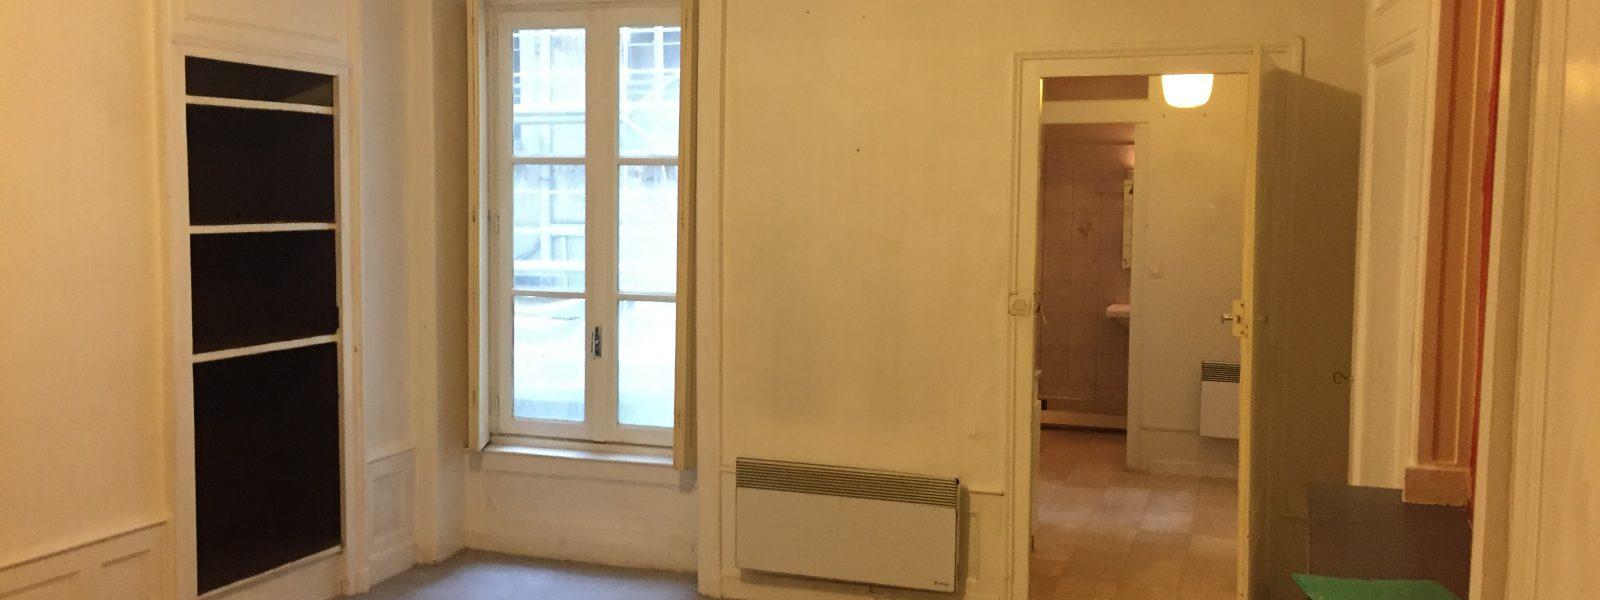 RUE AUGUSTE COMTE - Appartement - Visuel 1 - Impact immobilier 01